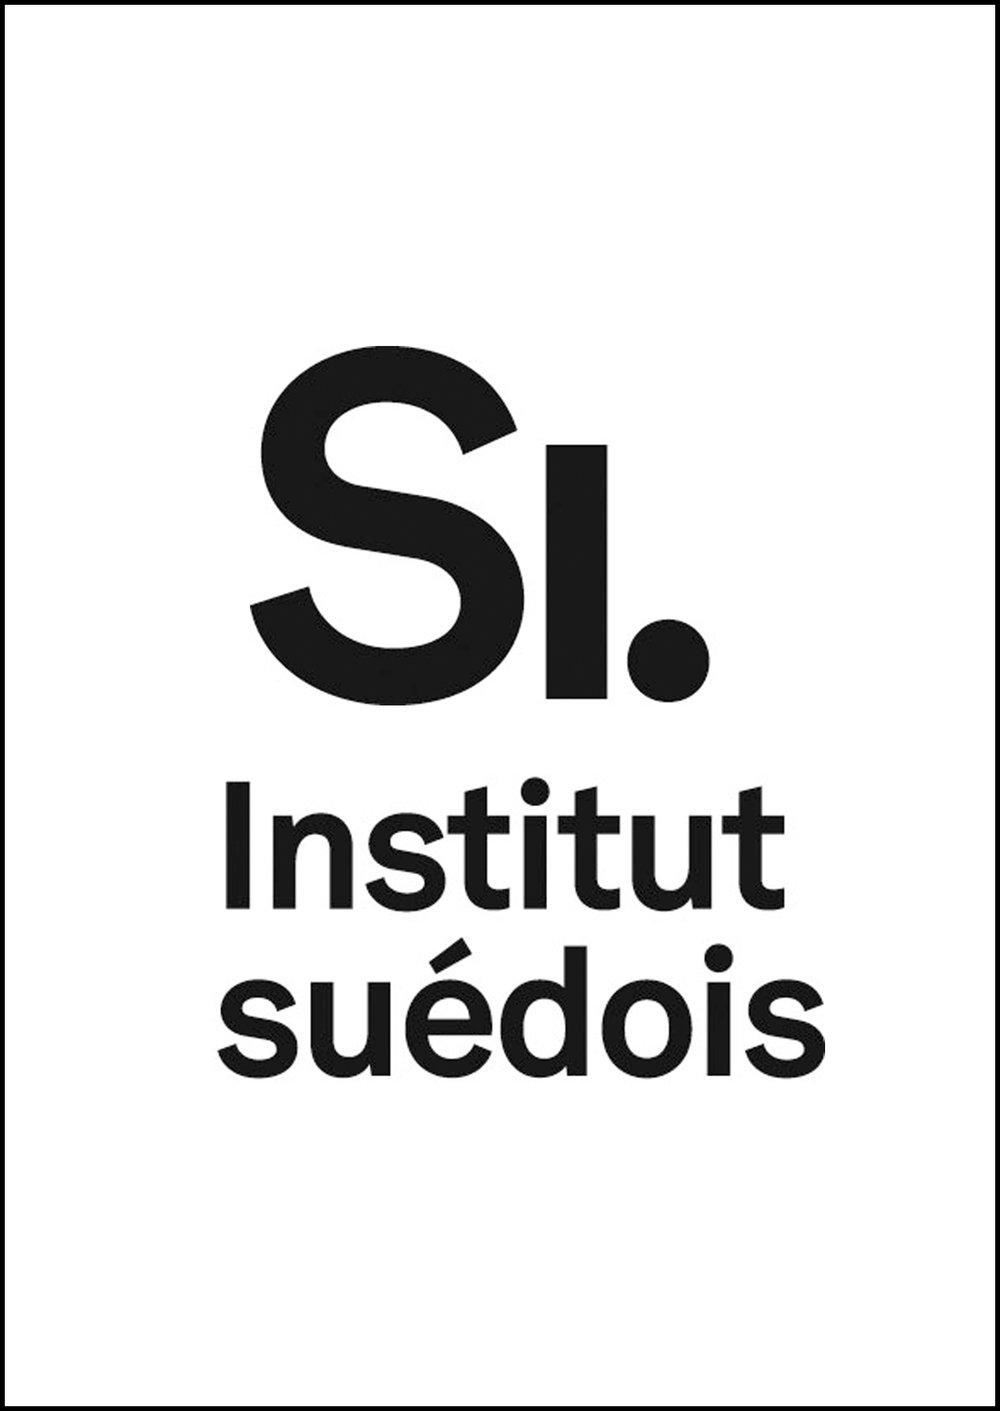 INSTITUT SUEDOIS - PARIS, FRANCEExpo: 12/07/2018 - 26/08/2018Vernissage 11/07/2018 (18h00-21h00)